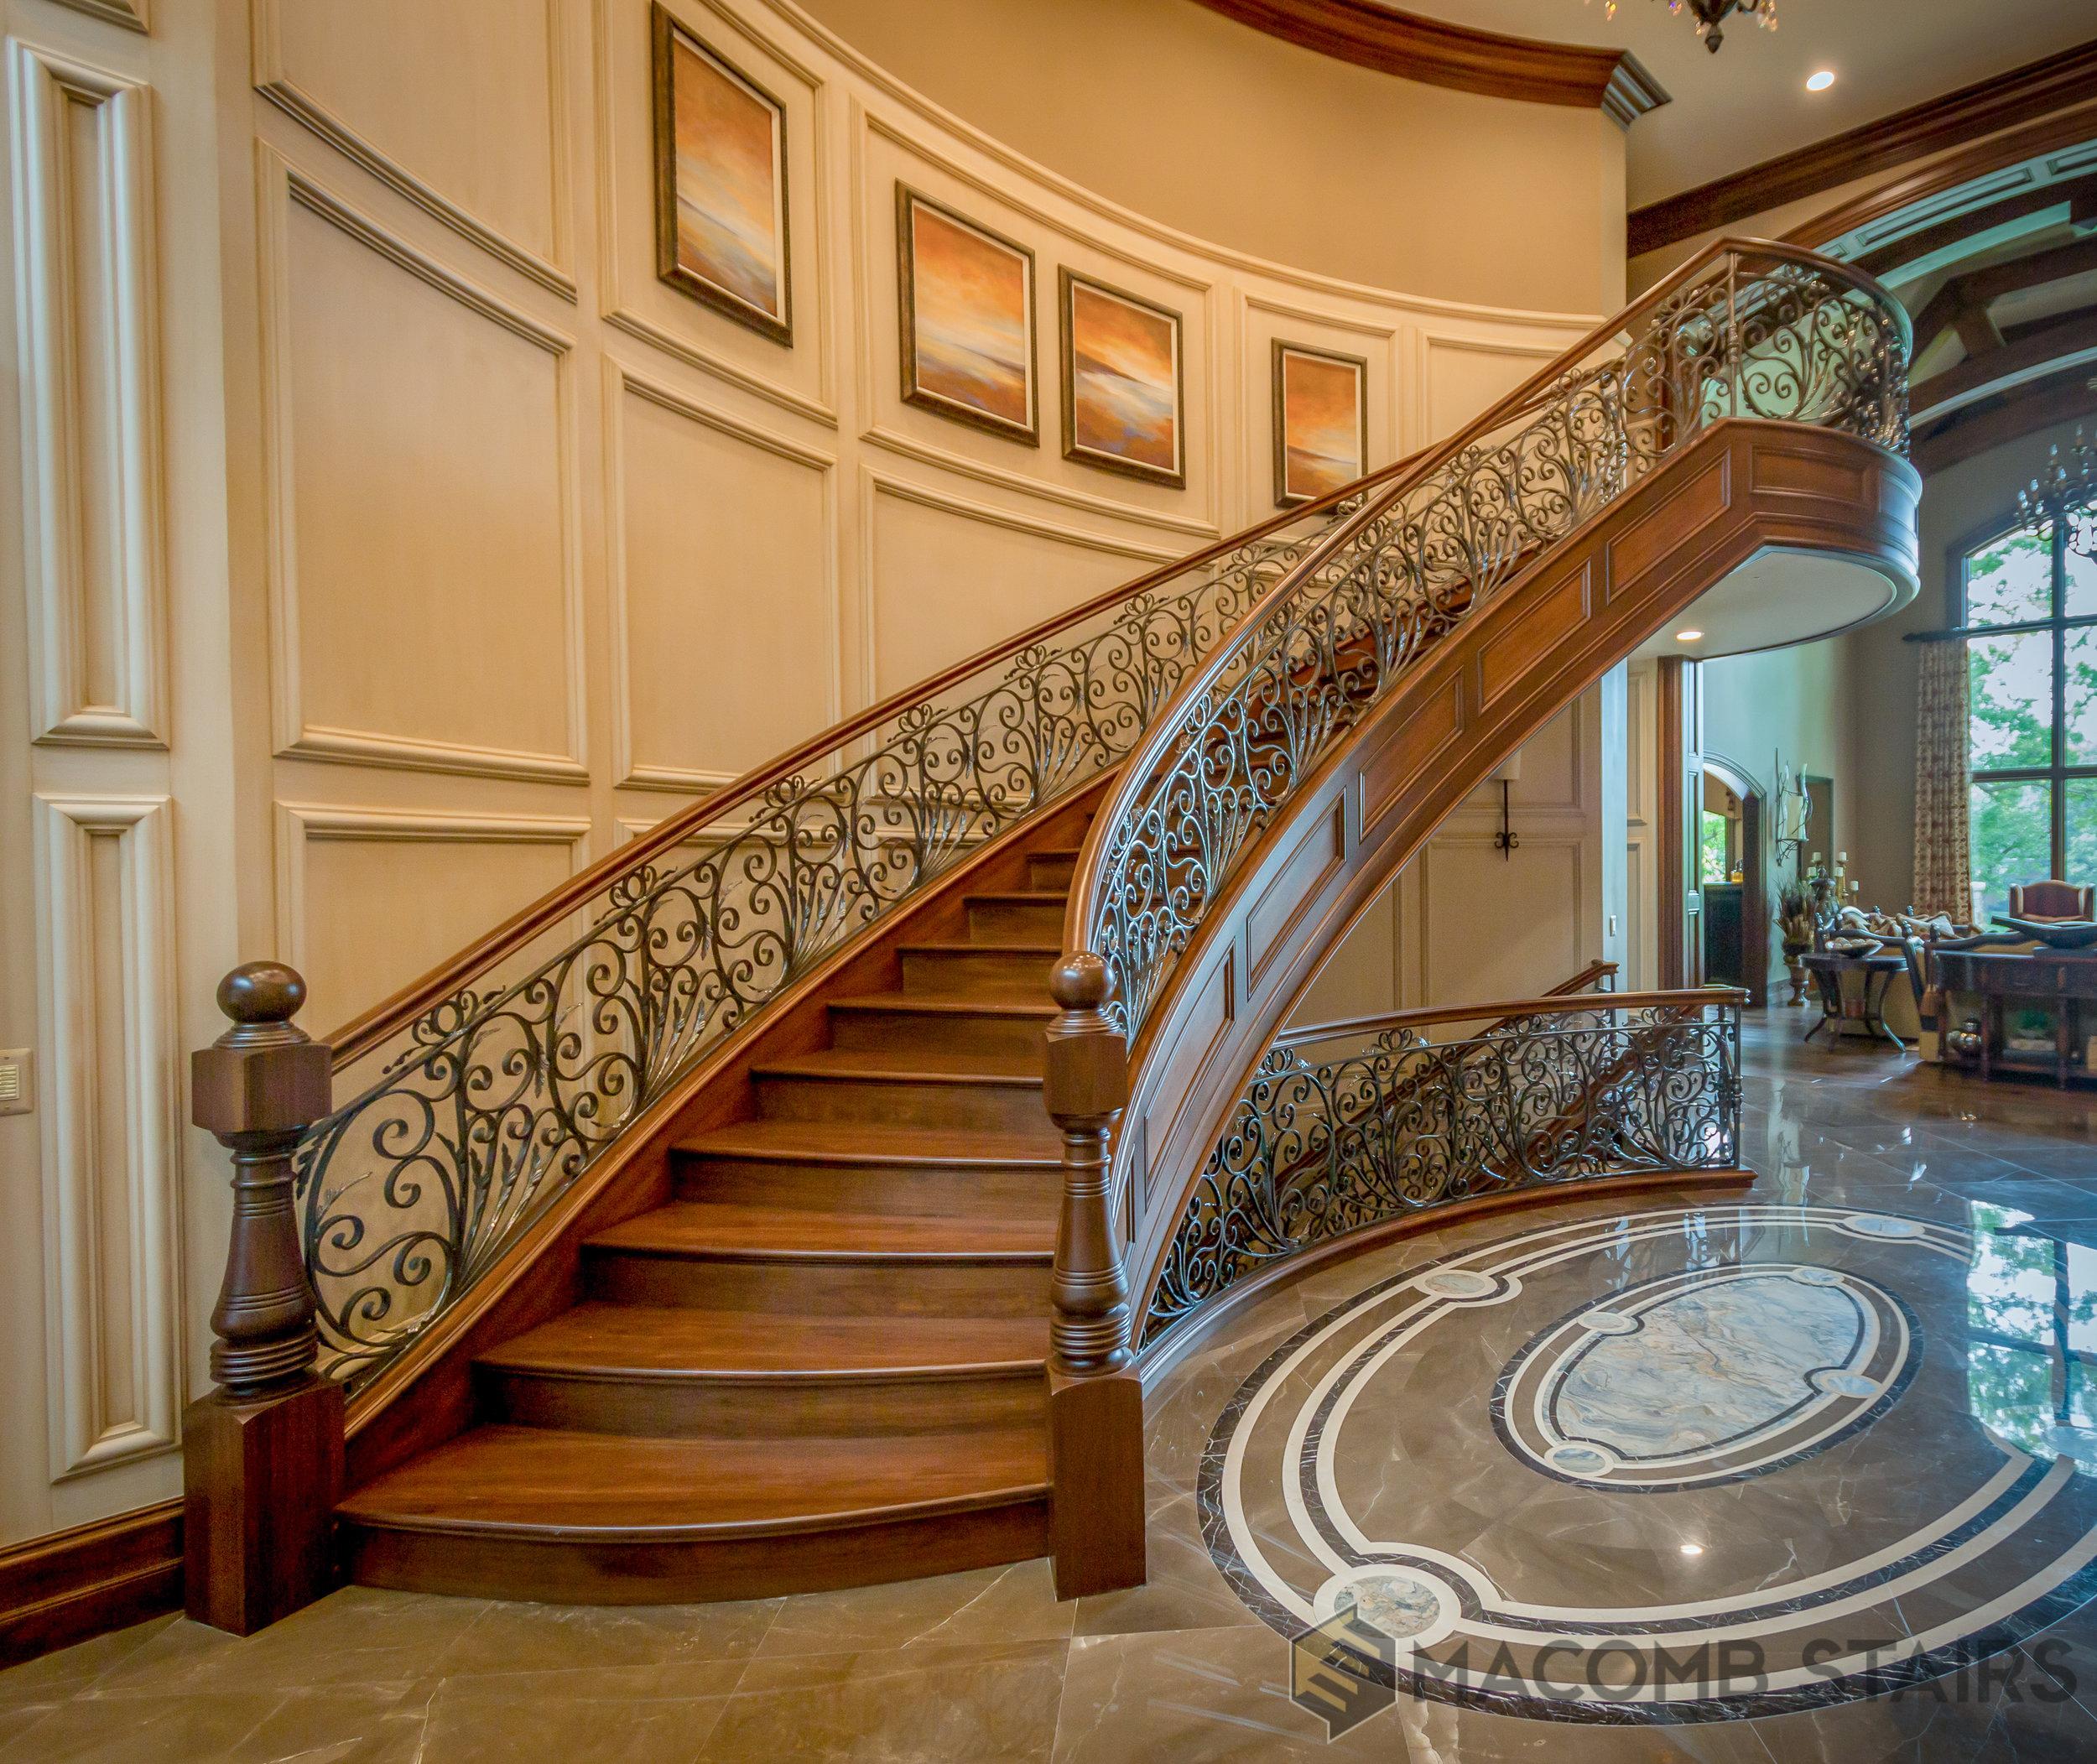 Macomb Stairs- Stair Photo-4.jpg